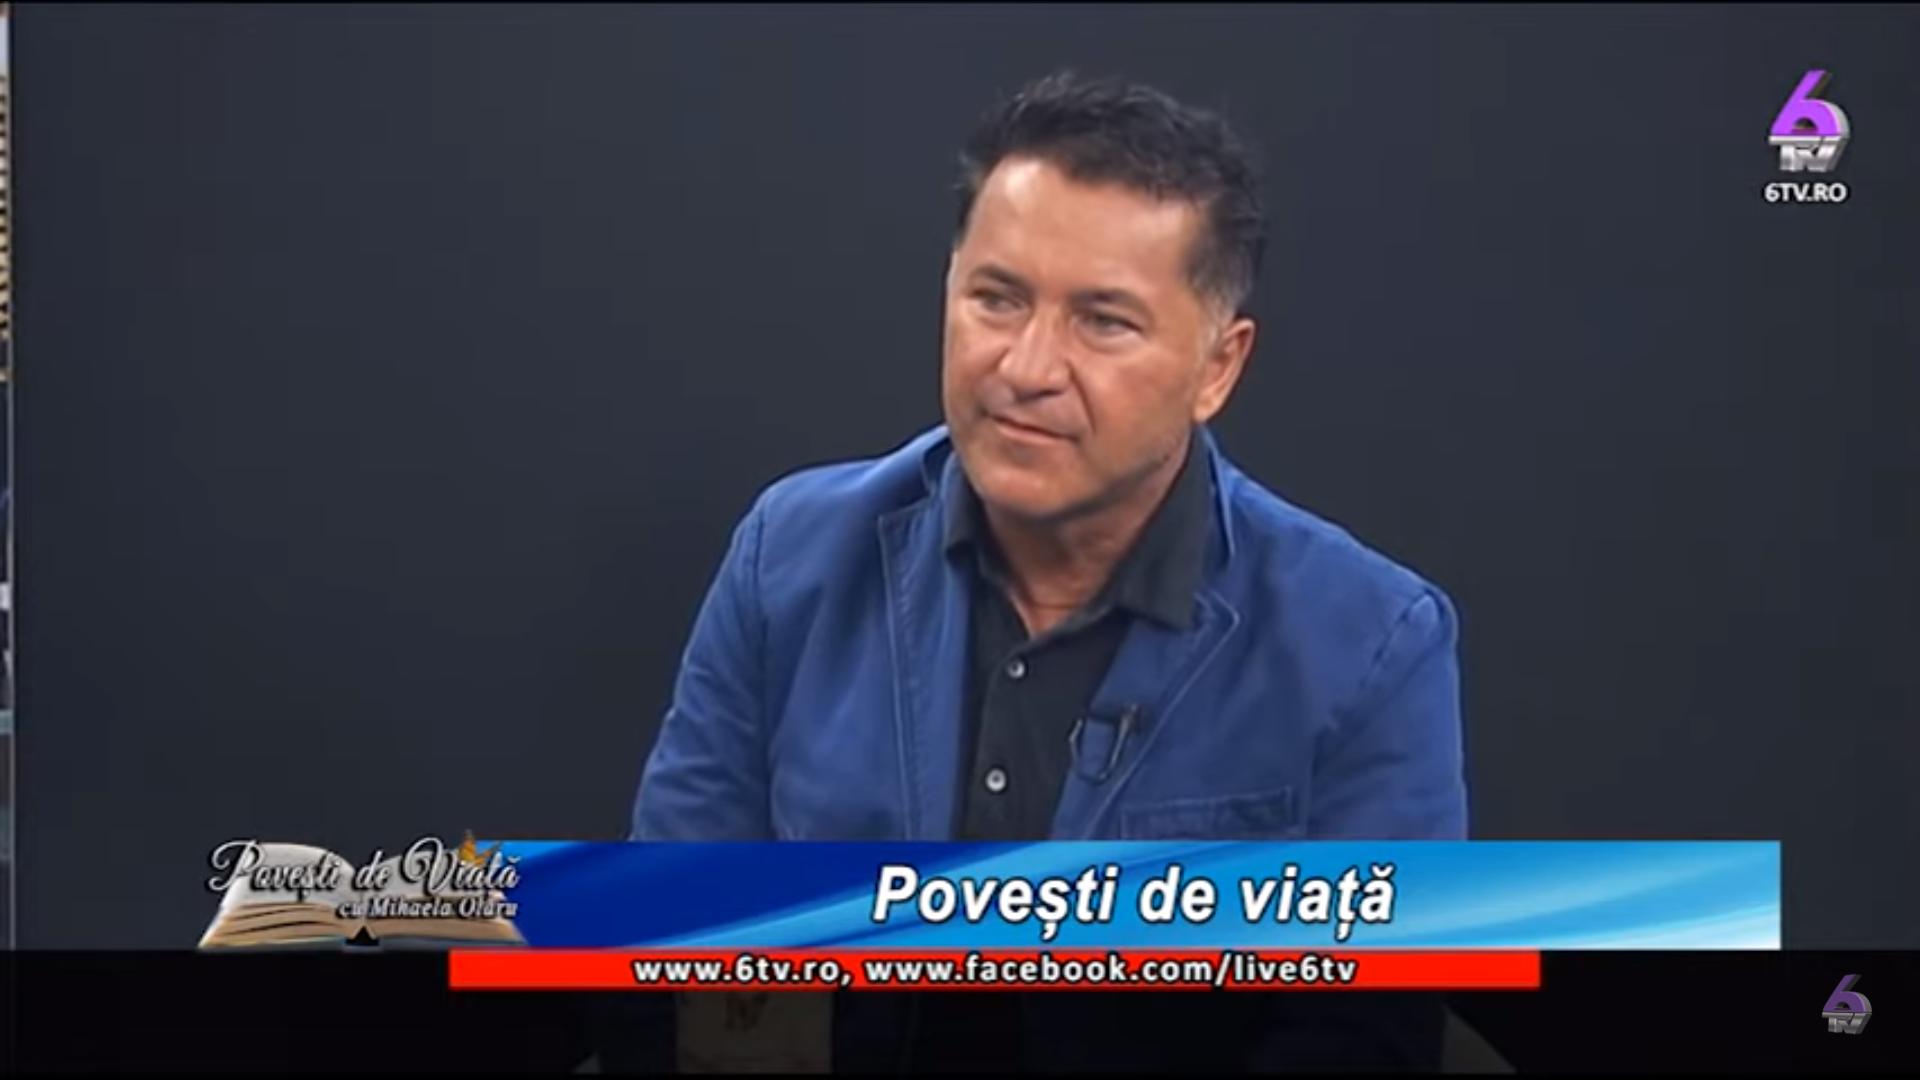 23. Regizor Andrei Negoiță